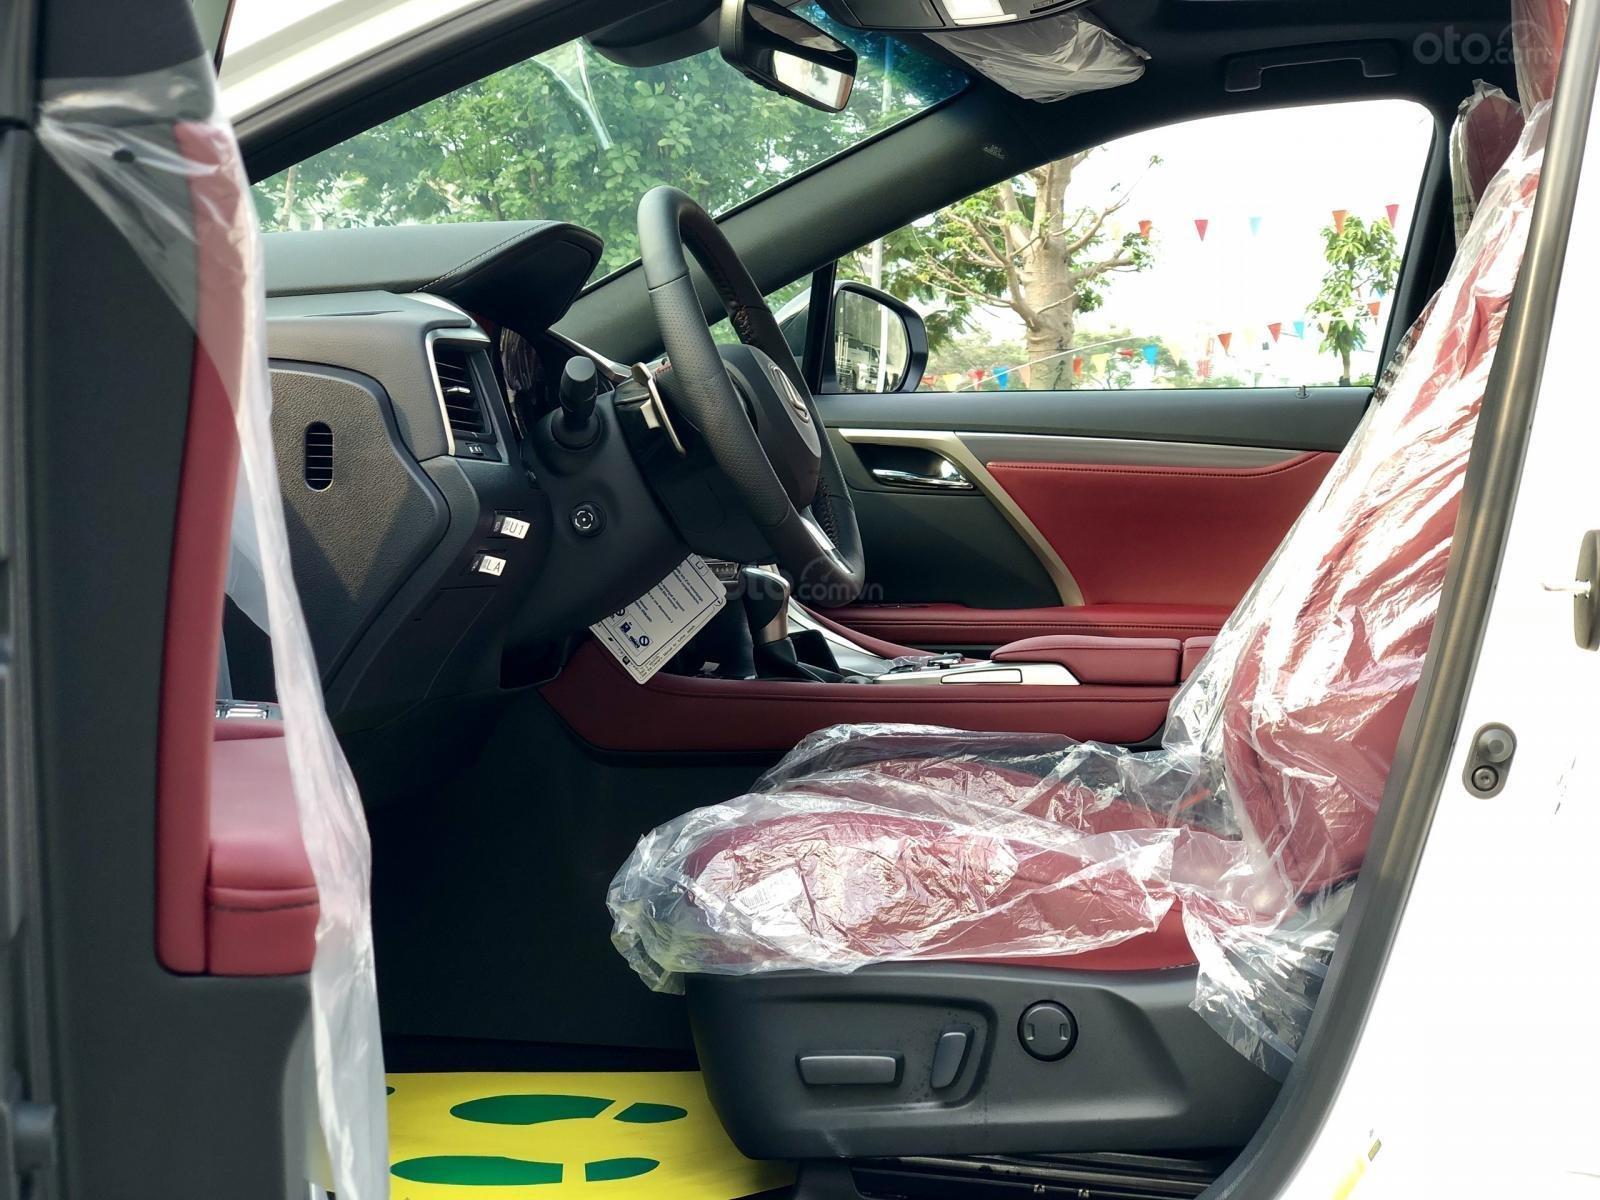 Bán Lexus RX 350 Fsport năm 2020, nhập Mỹ giao ngay toàn quốc, giá tốt, LH Ms Hương 094.539.2468 (13)